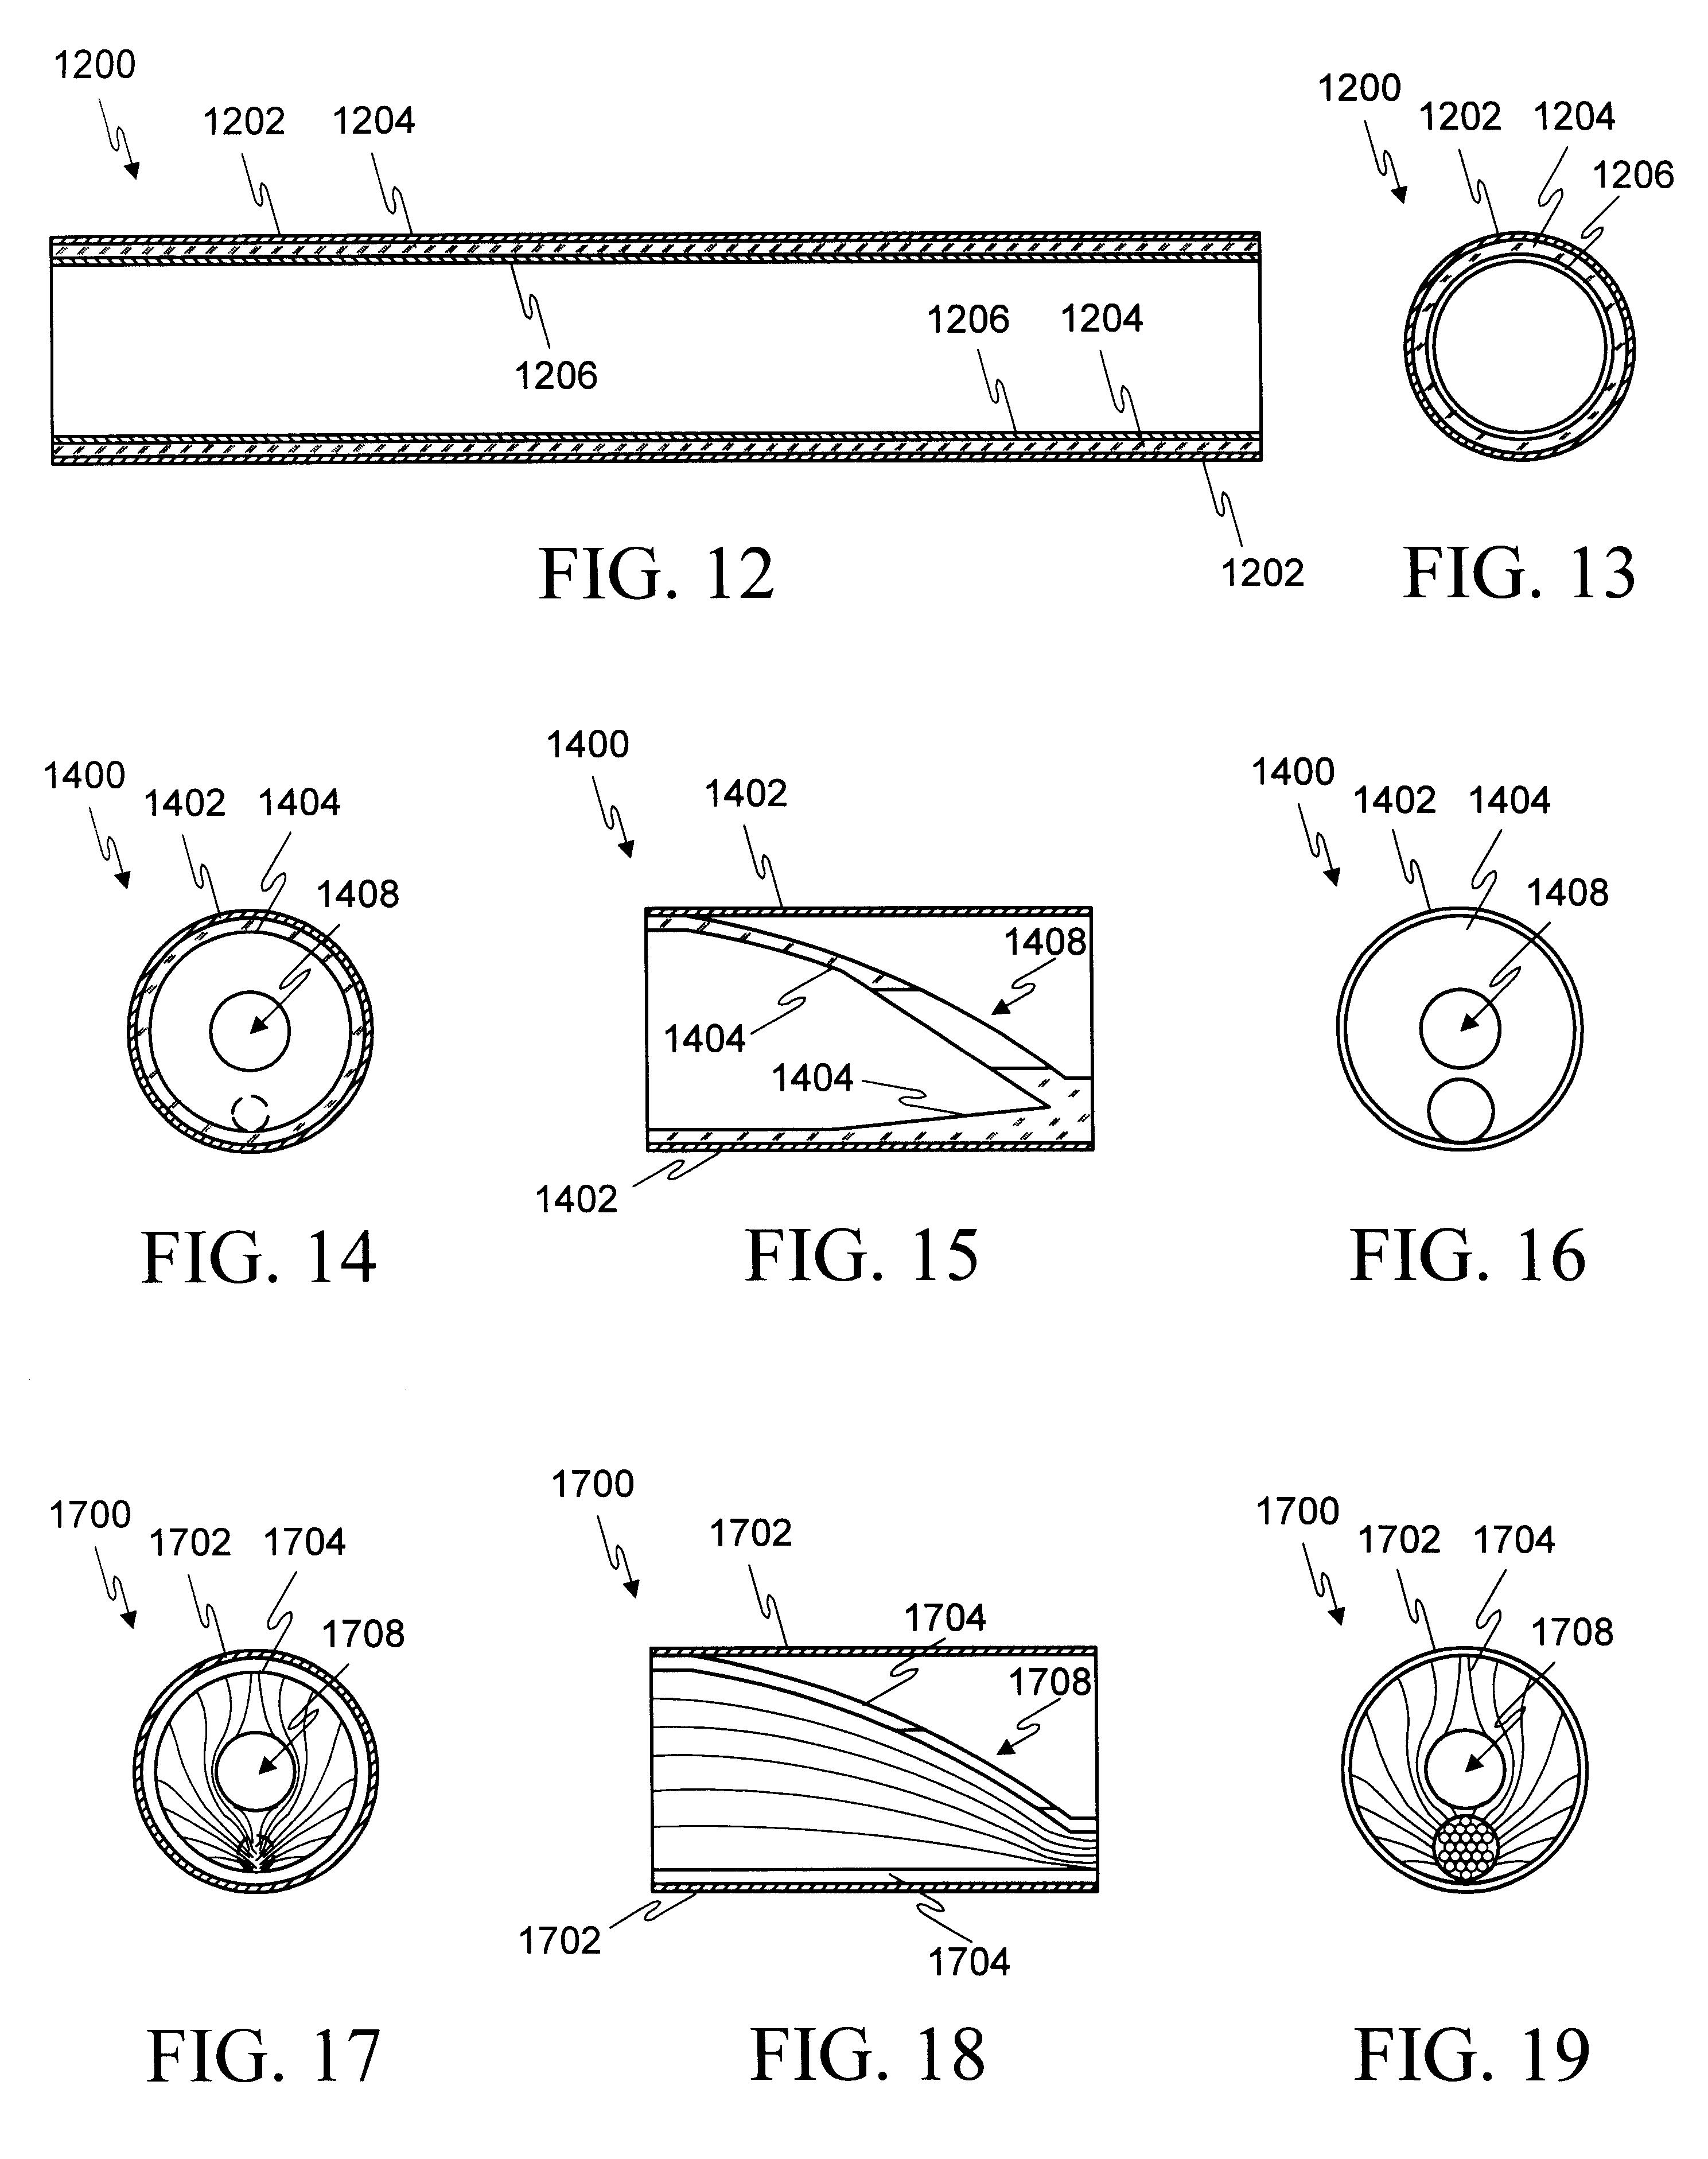 brevet us6487440